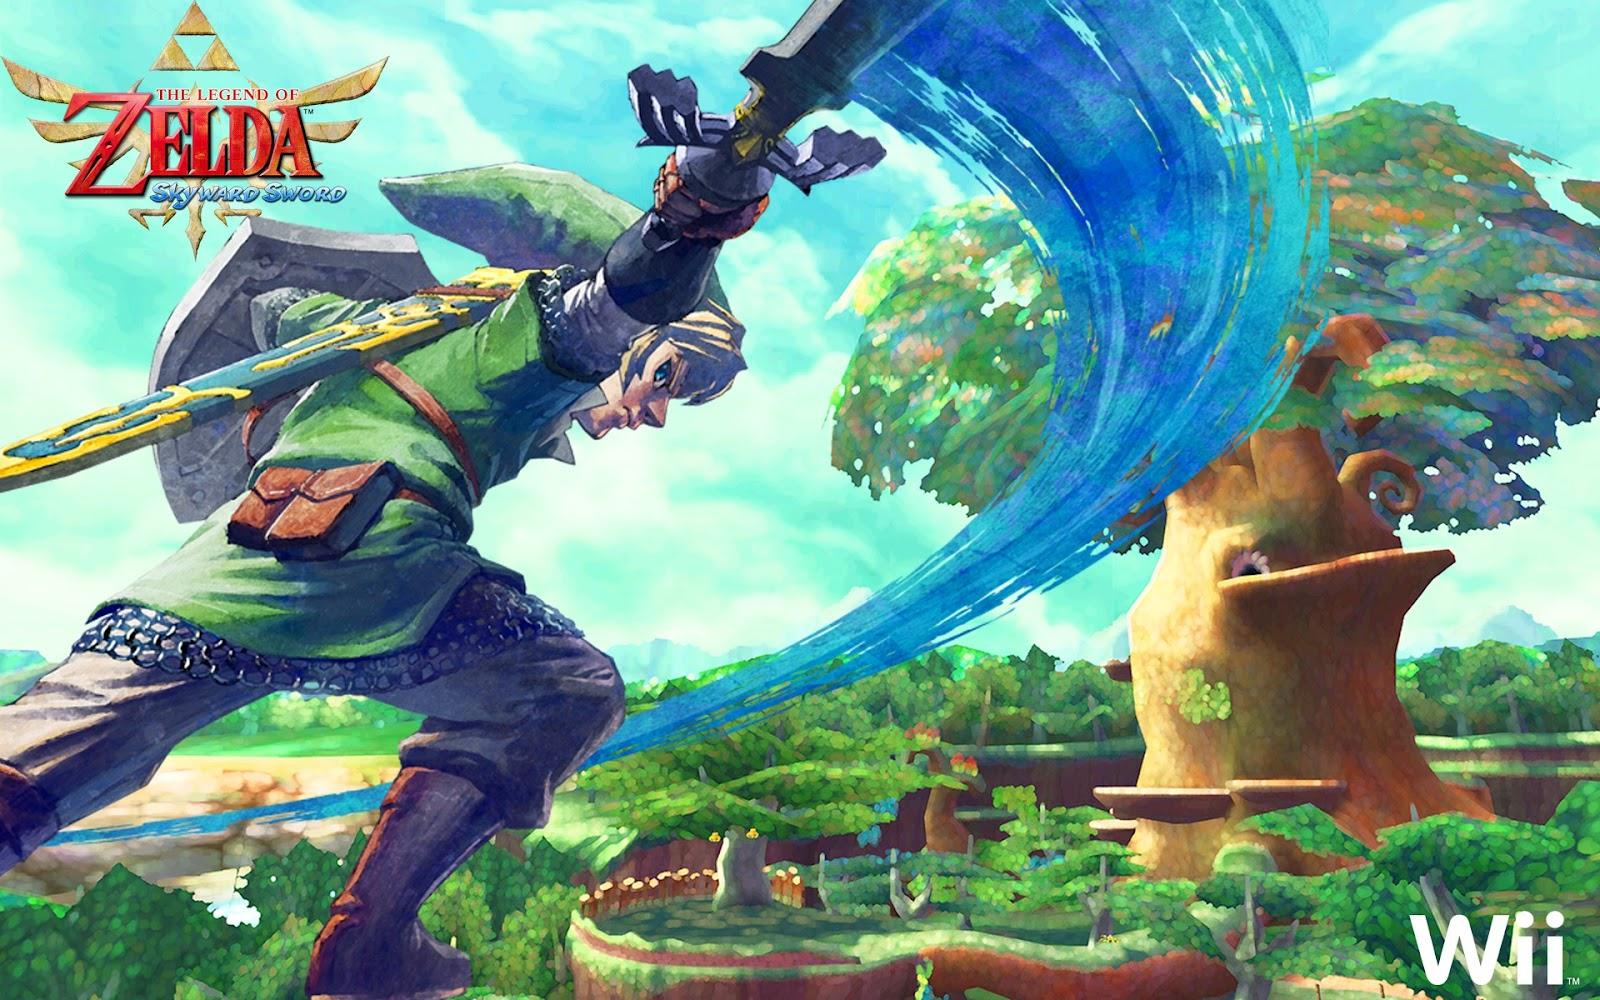 Video Game Gallery The Legend Of Zelda Skyward Sword Wallpaper